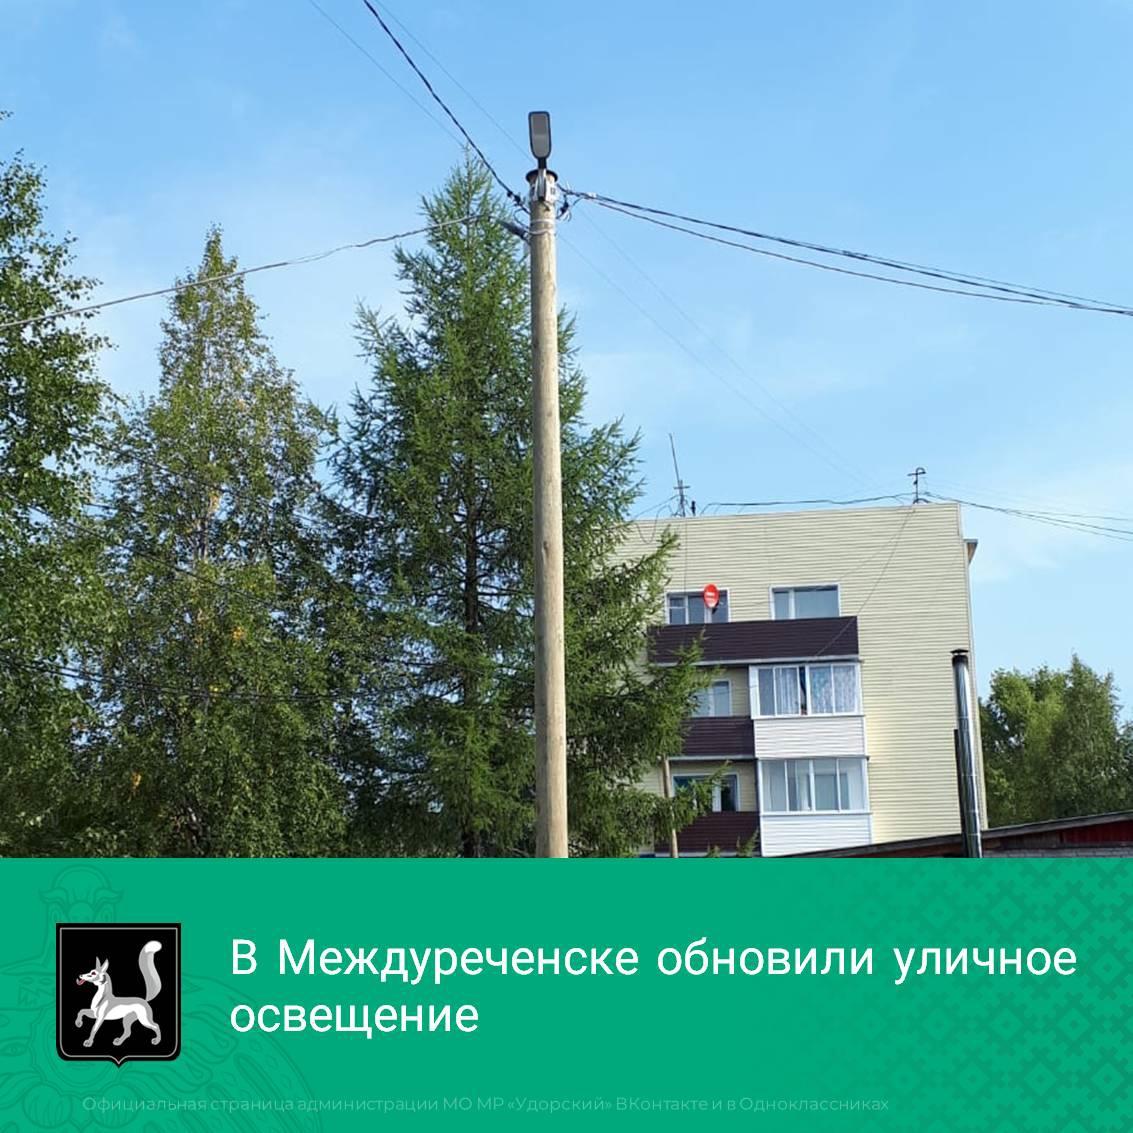 В Междуреченске обновили уличное освещение